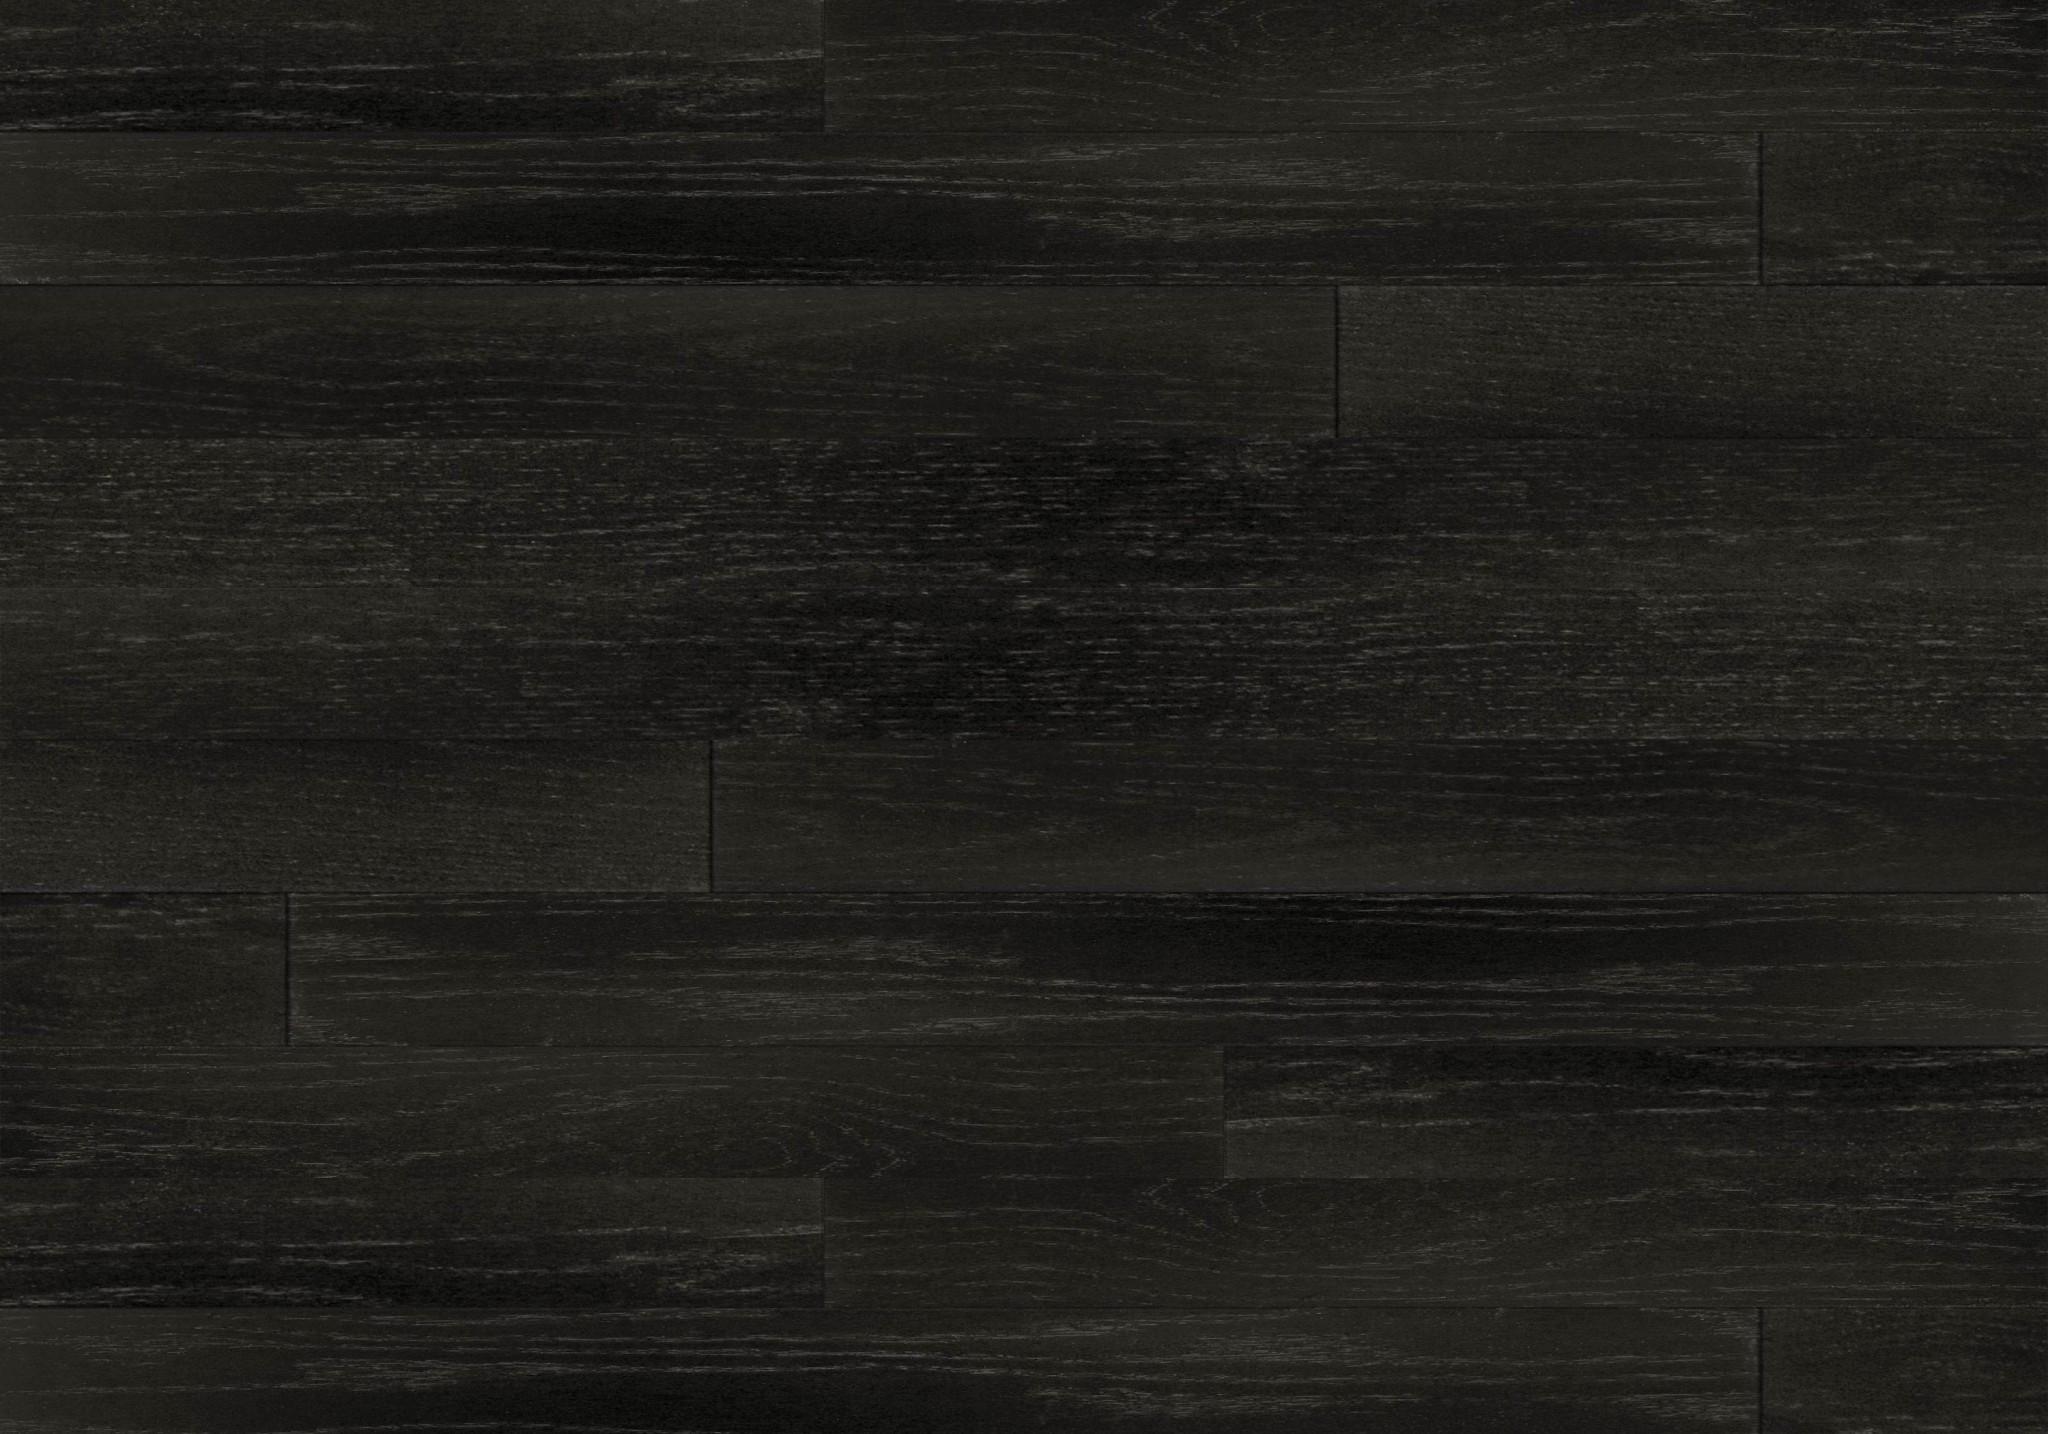 Black hardwood flooring